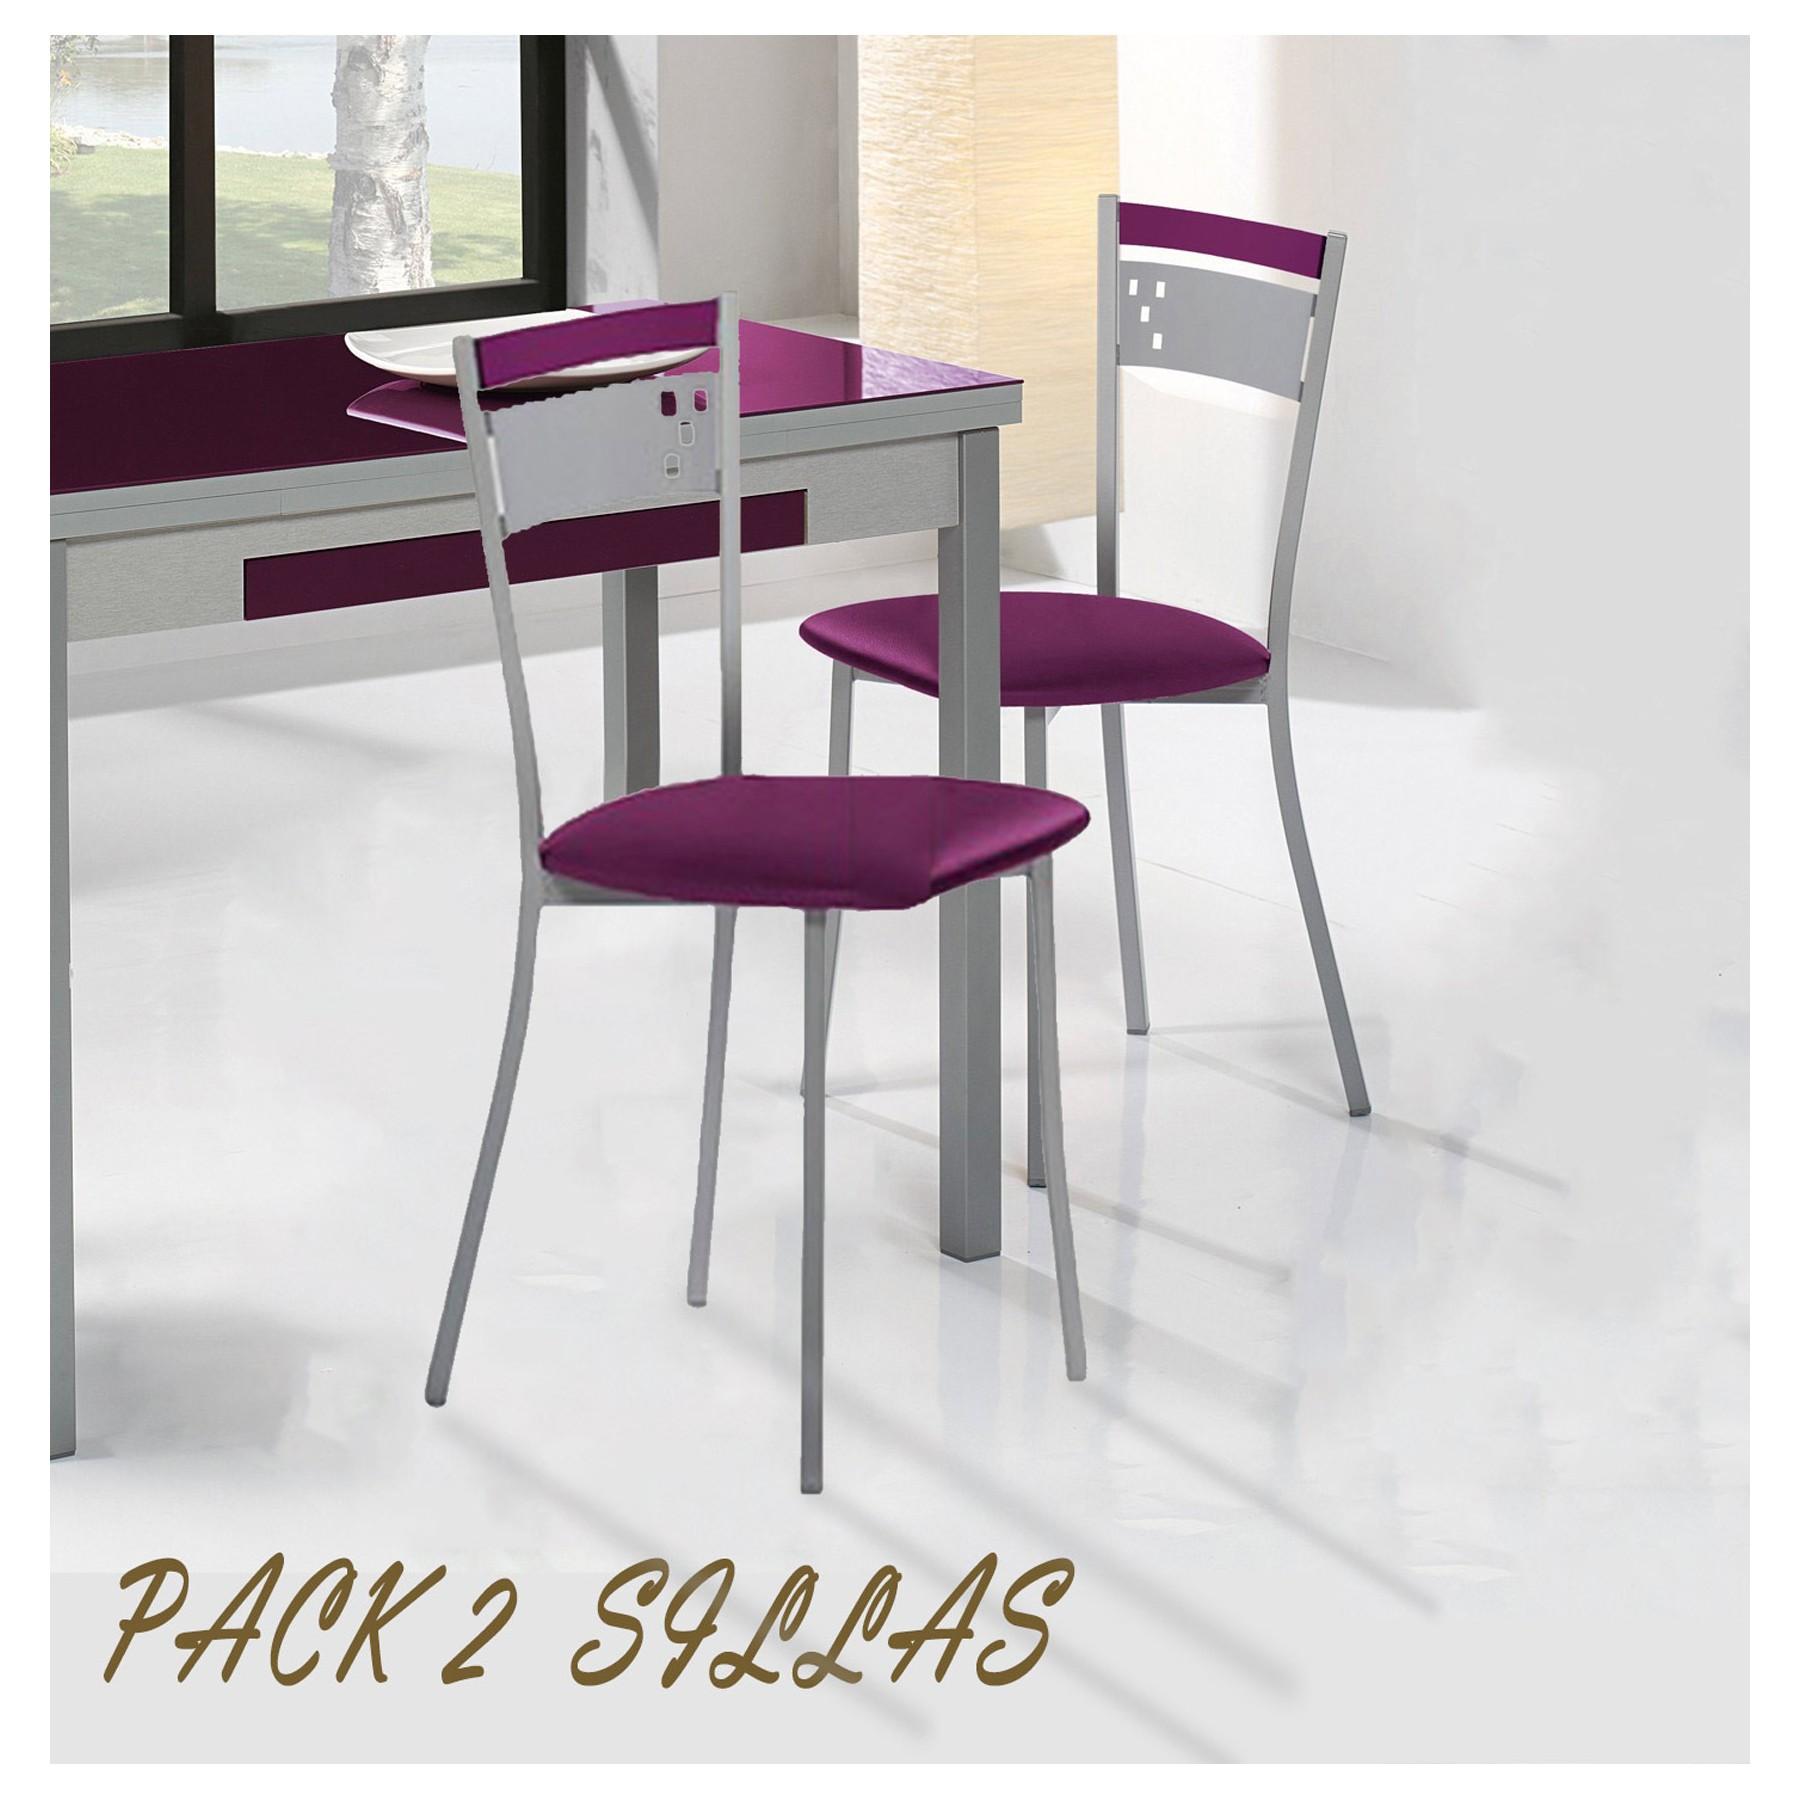 Pack de sillas de cocina modelo kind for Modelos de sillas de cocina